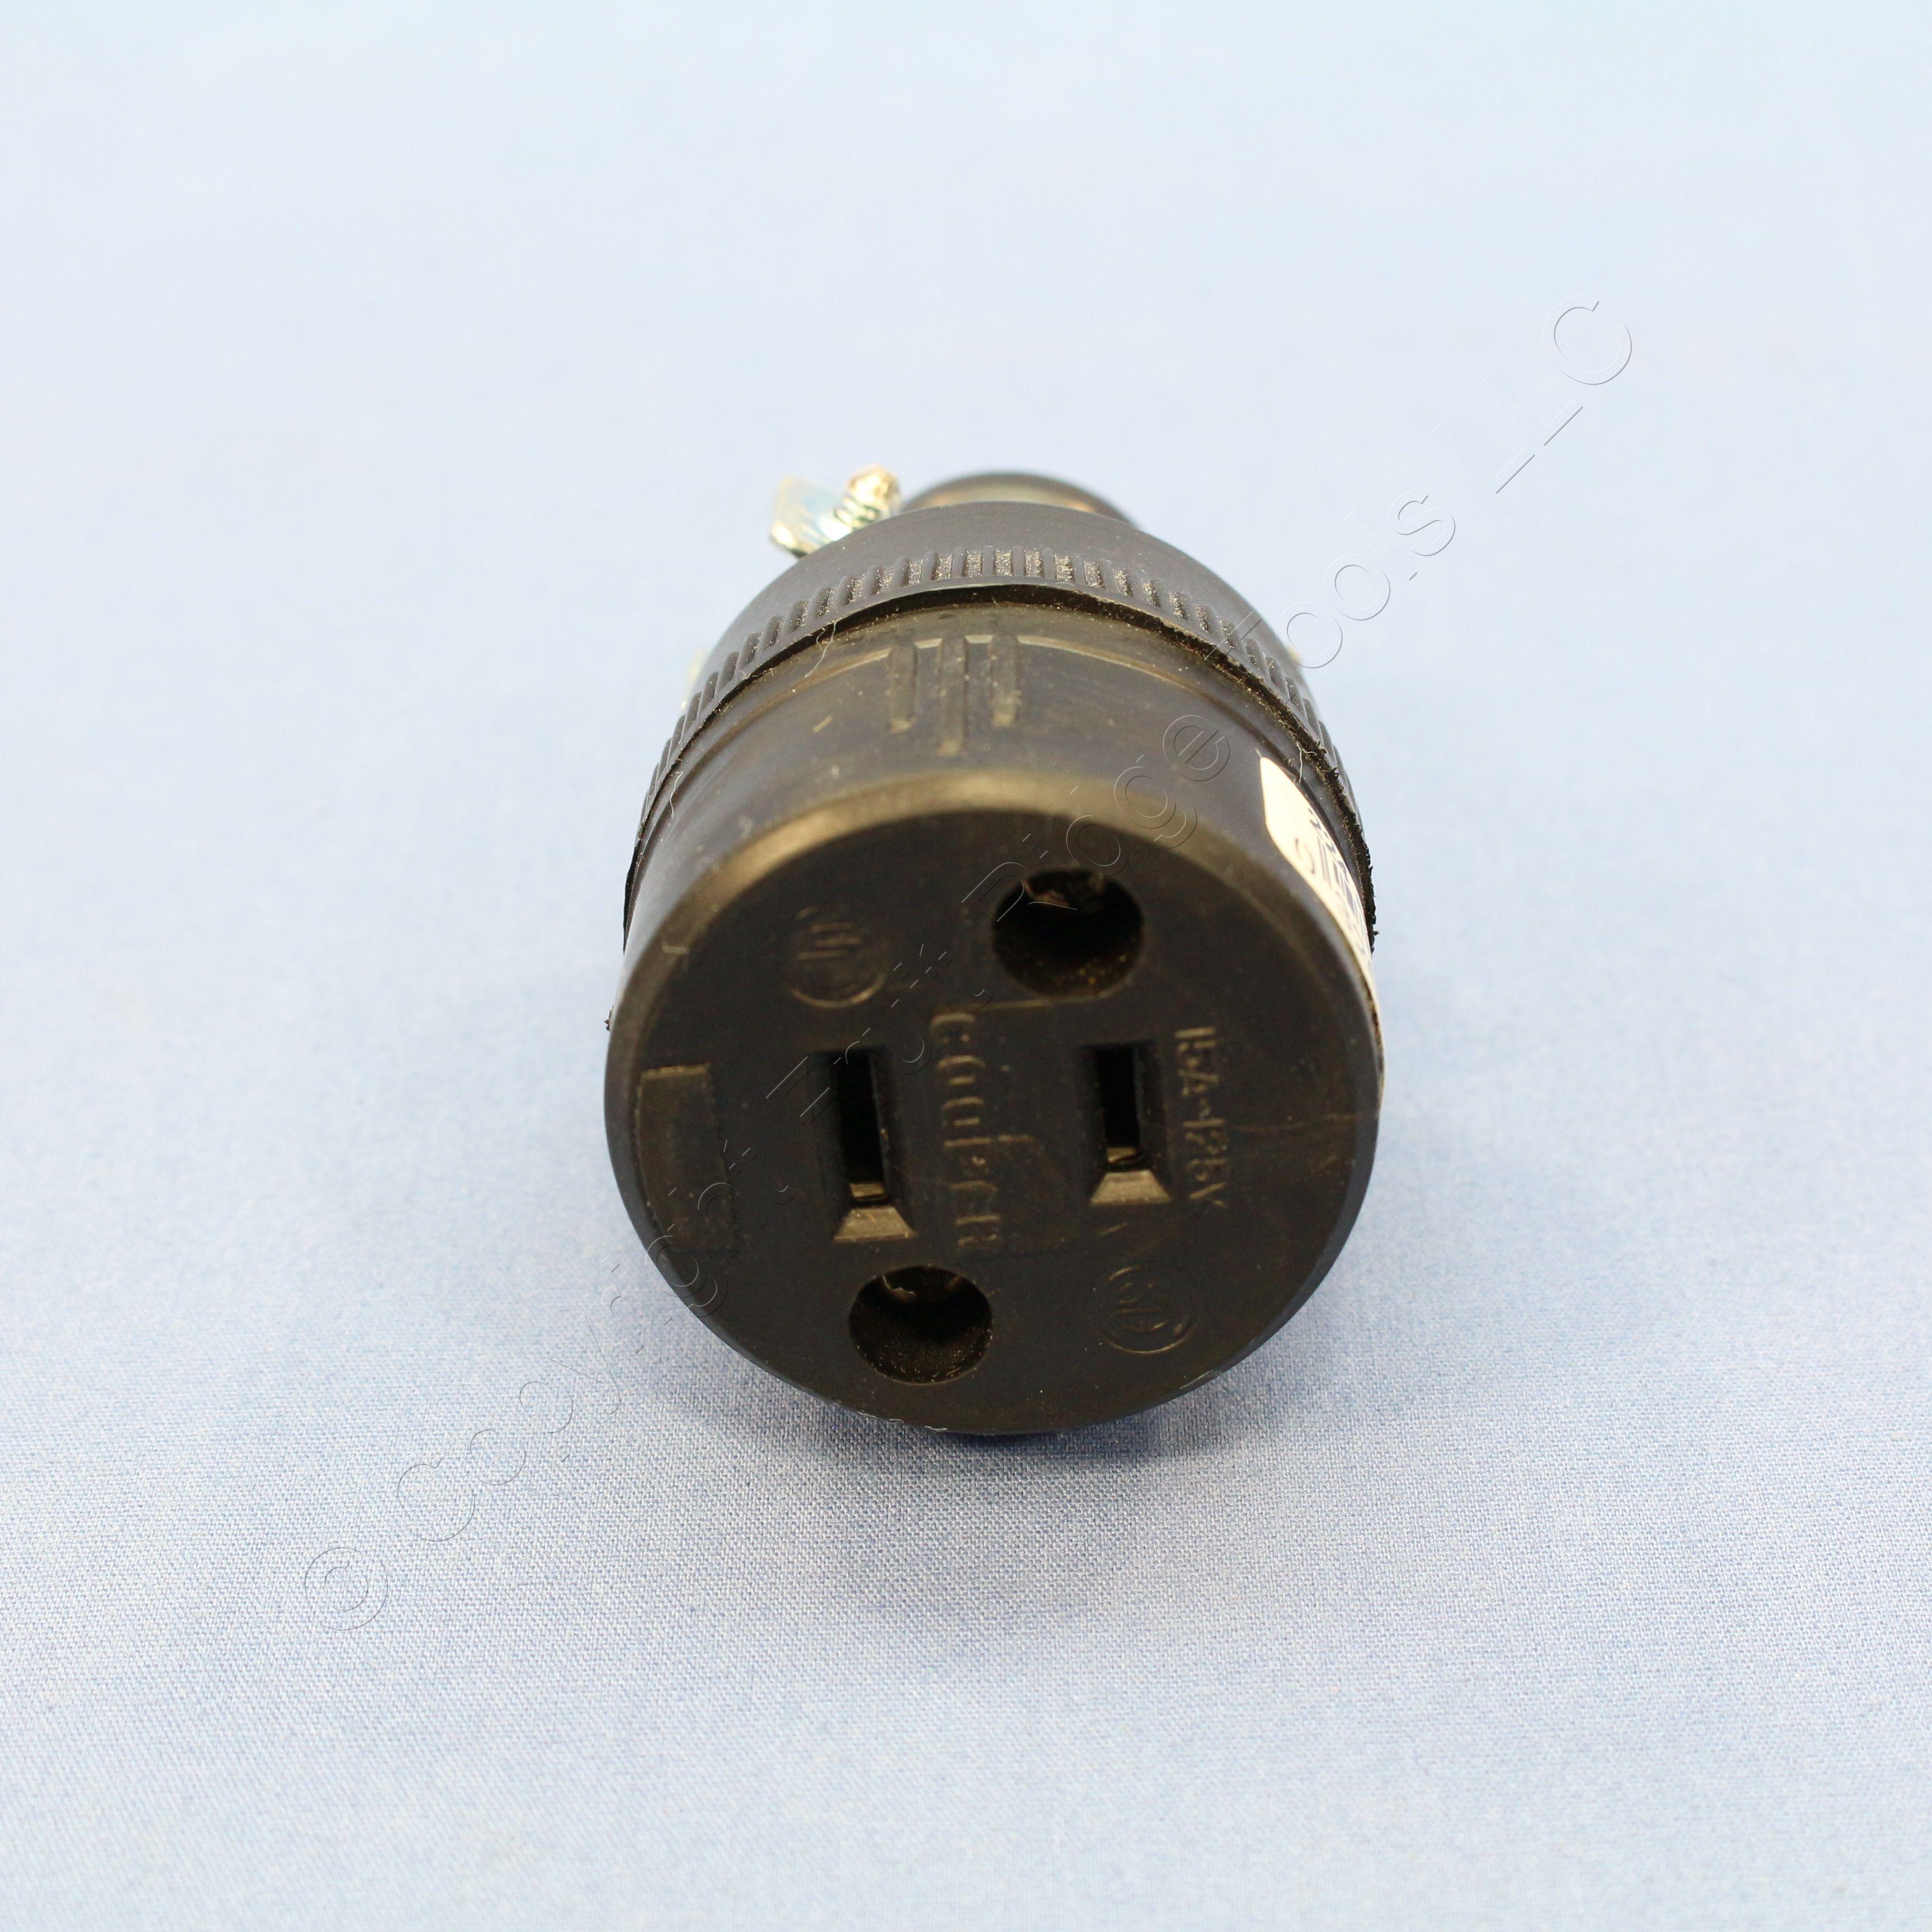 10 Cooper Thermoplastic Straight Blade Rubber Connectors 15A 125V NEMA 1-15R 224